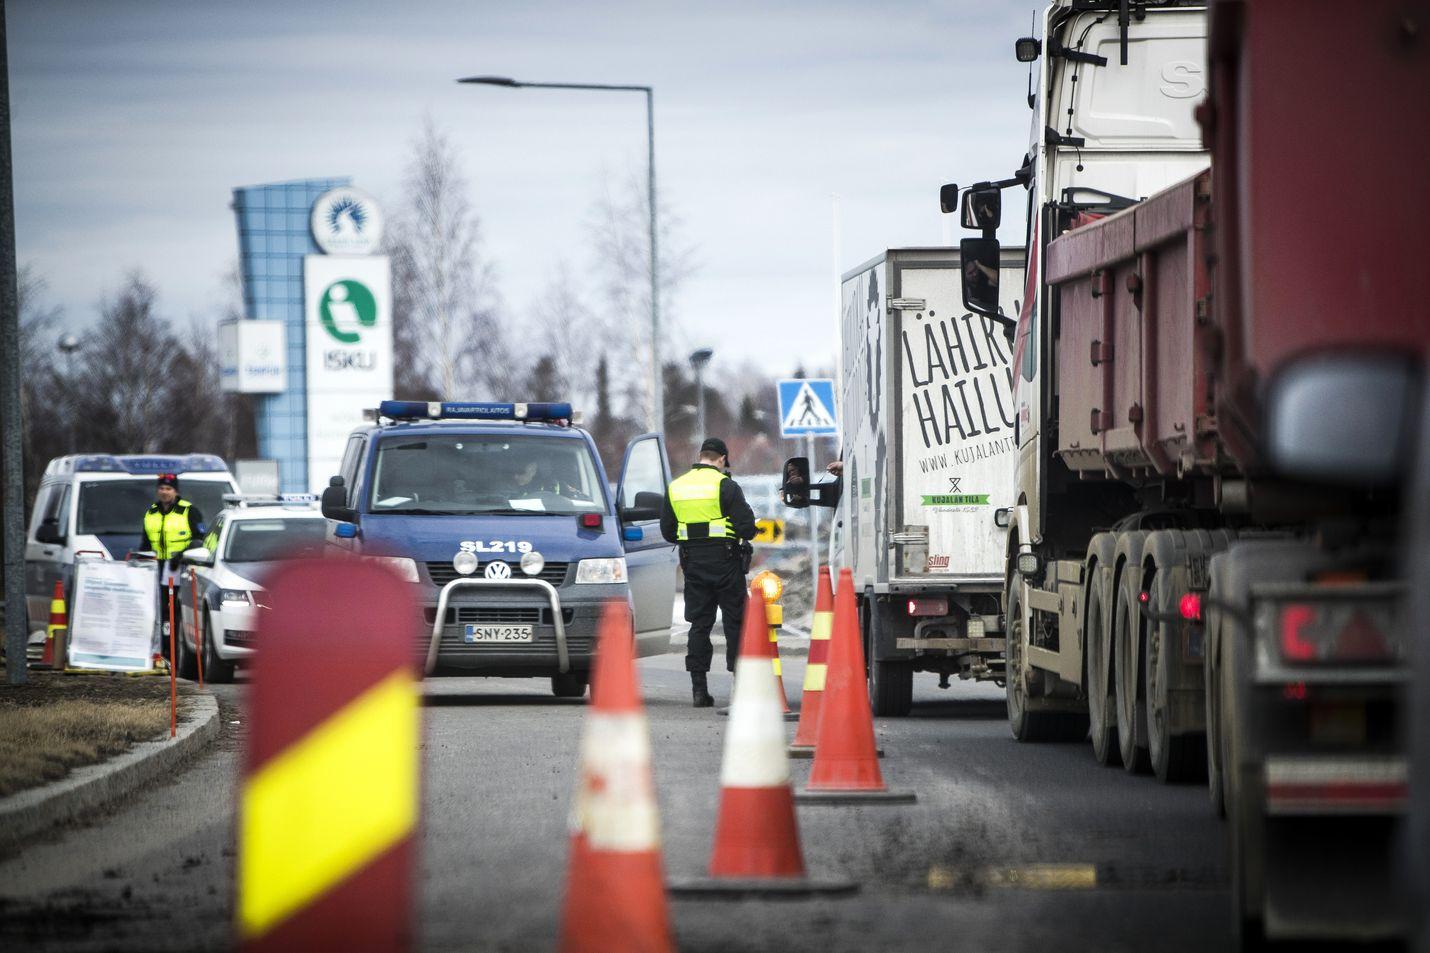 Länsirajaliikenteen tarkastusta on tehty jo viime vuoden maaliskuusta lähtien muun muassa Tornion ja Haaparannan välisellä rajalla. Keskiviikosta lähtien käytännön työssä rajoilla voi tulla enemmän ihmisten ohjaamista testeihin, mutta vielä tätä ei konkreettisesti tiedetä.